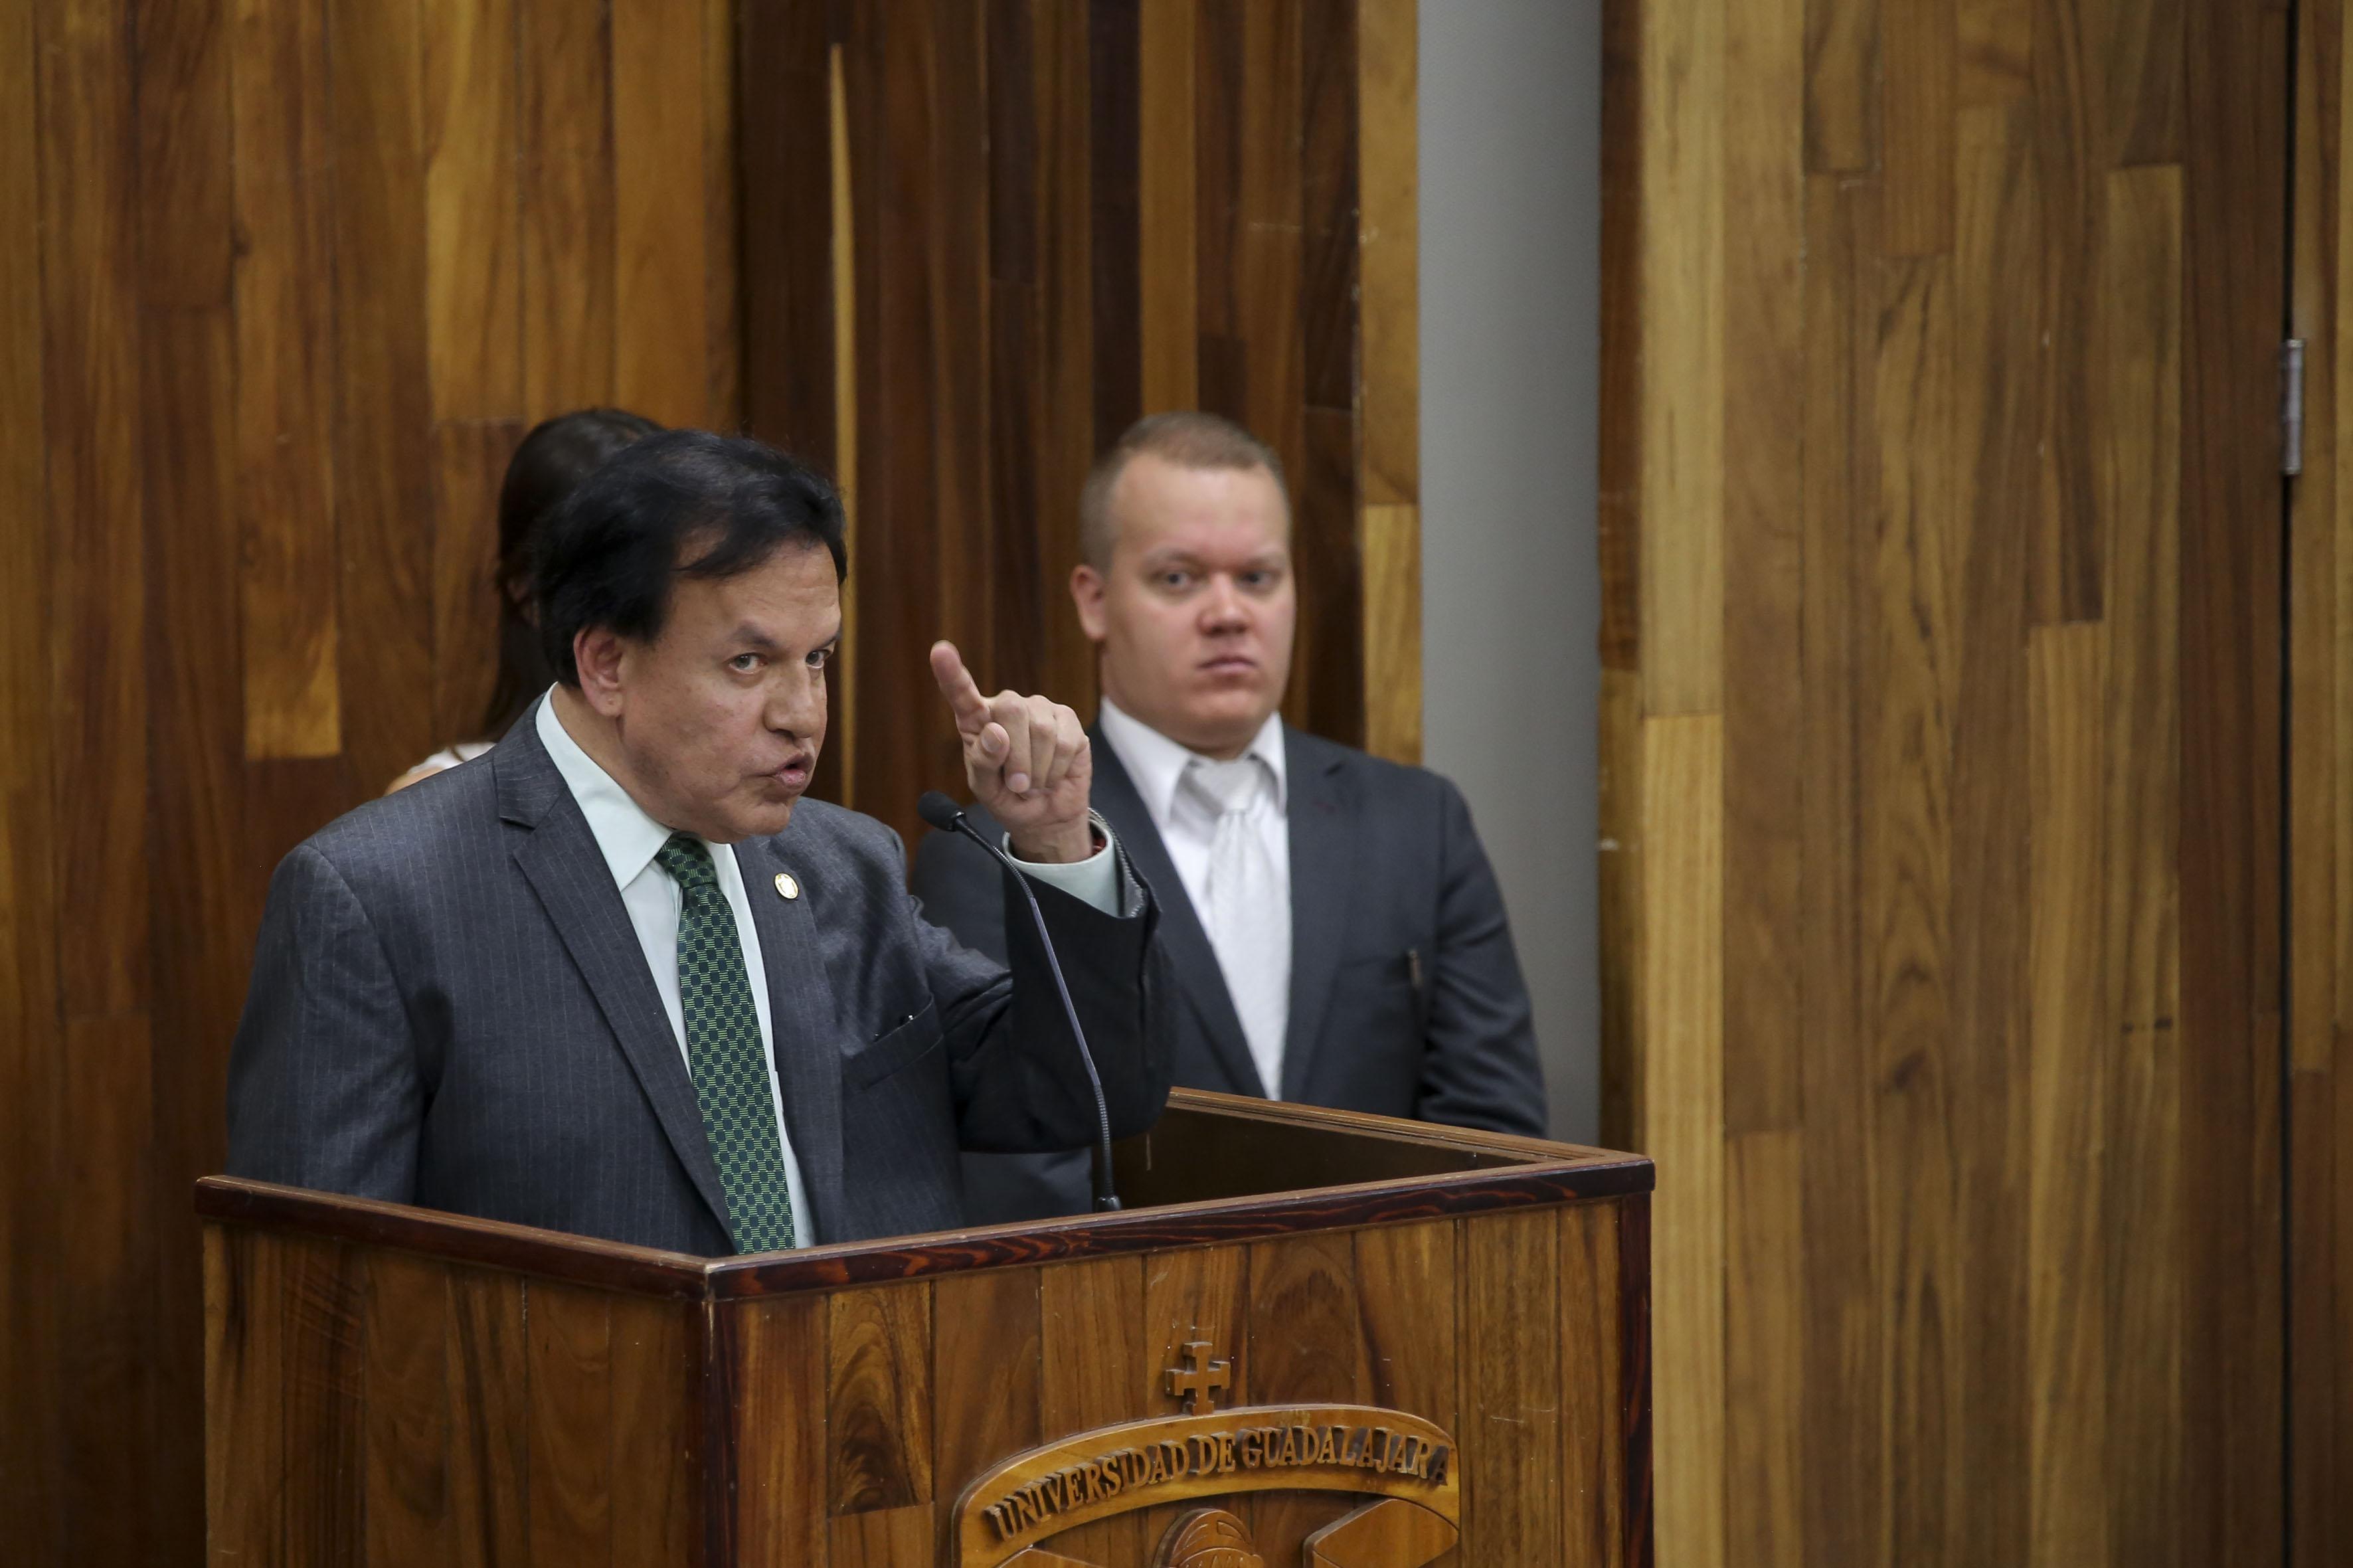 Ponente hablando frente al microfono en la Ceremonia de conmemoración por el 100 aniversario de la promulgación de la Constitución Política de los Estados Unidos Mexicanos y del Estado de Jalisco